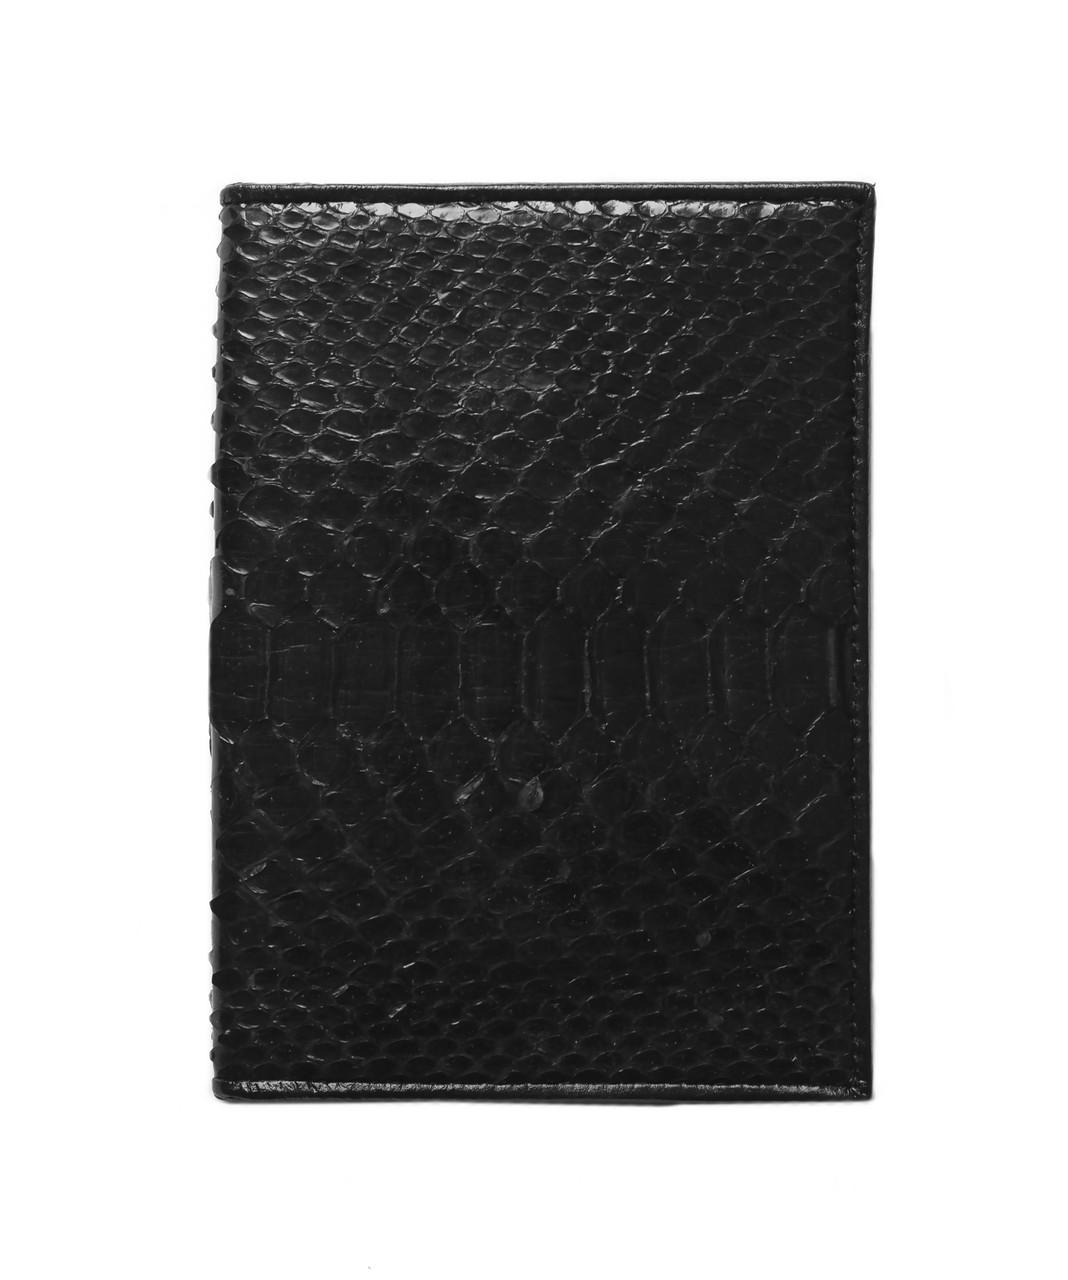 Обложка для паспорта  Ekzotic Leather Черный (sp01)